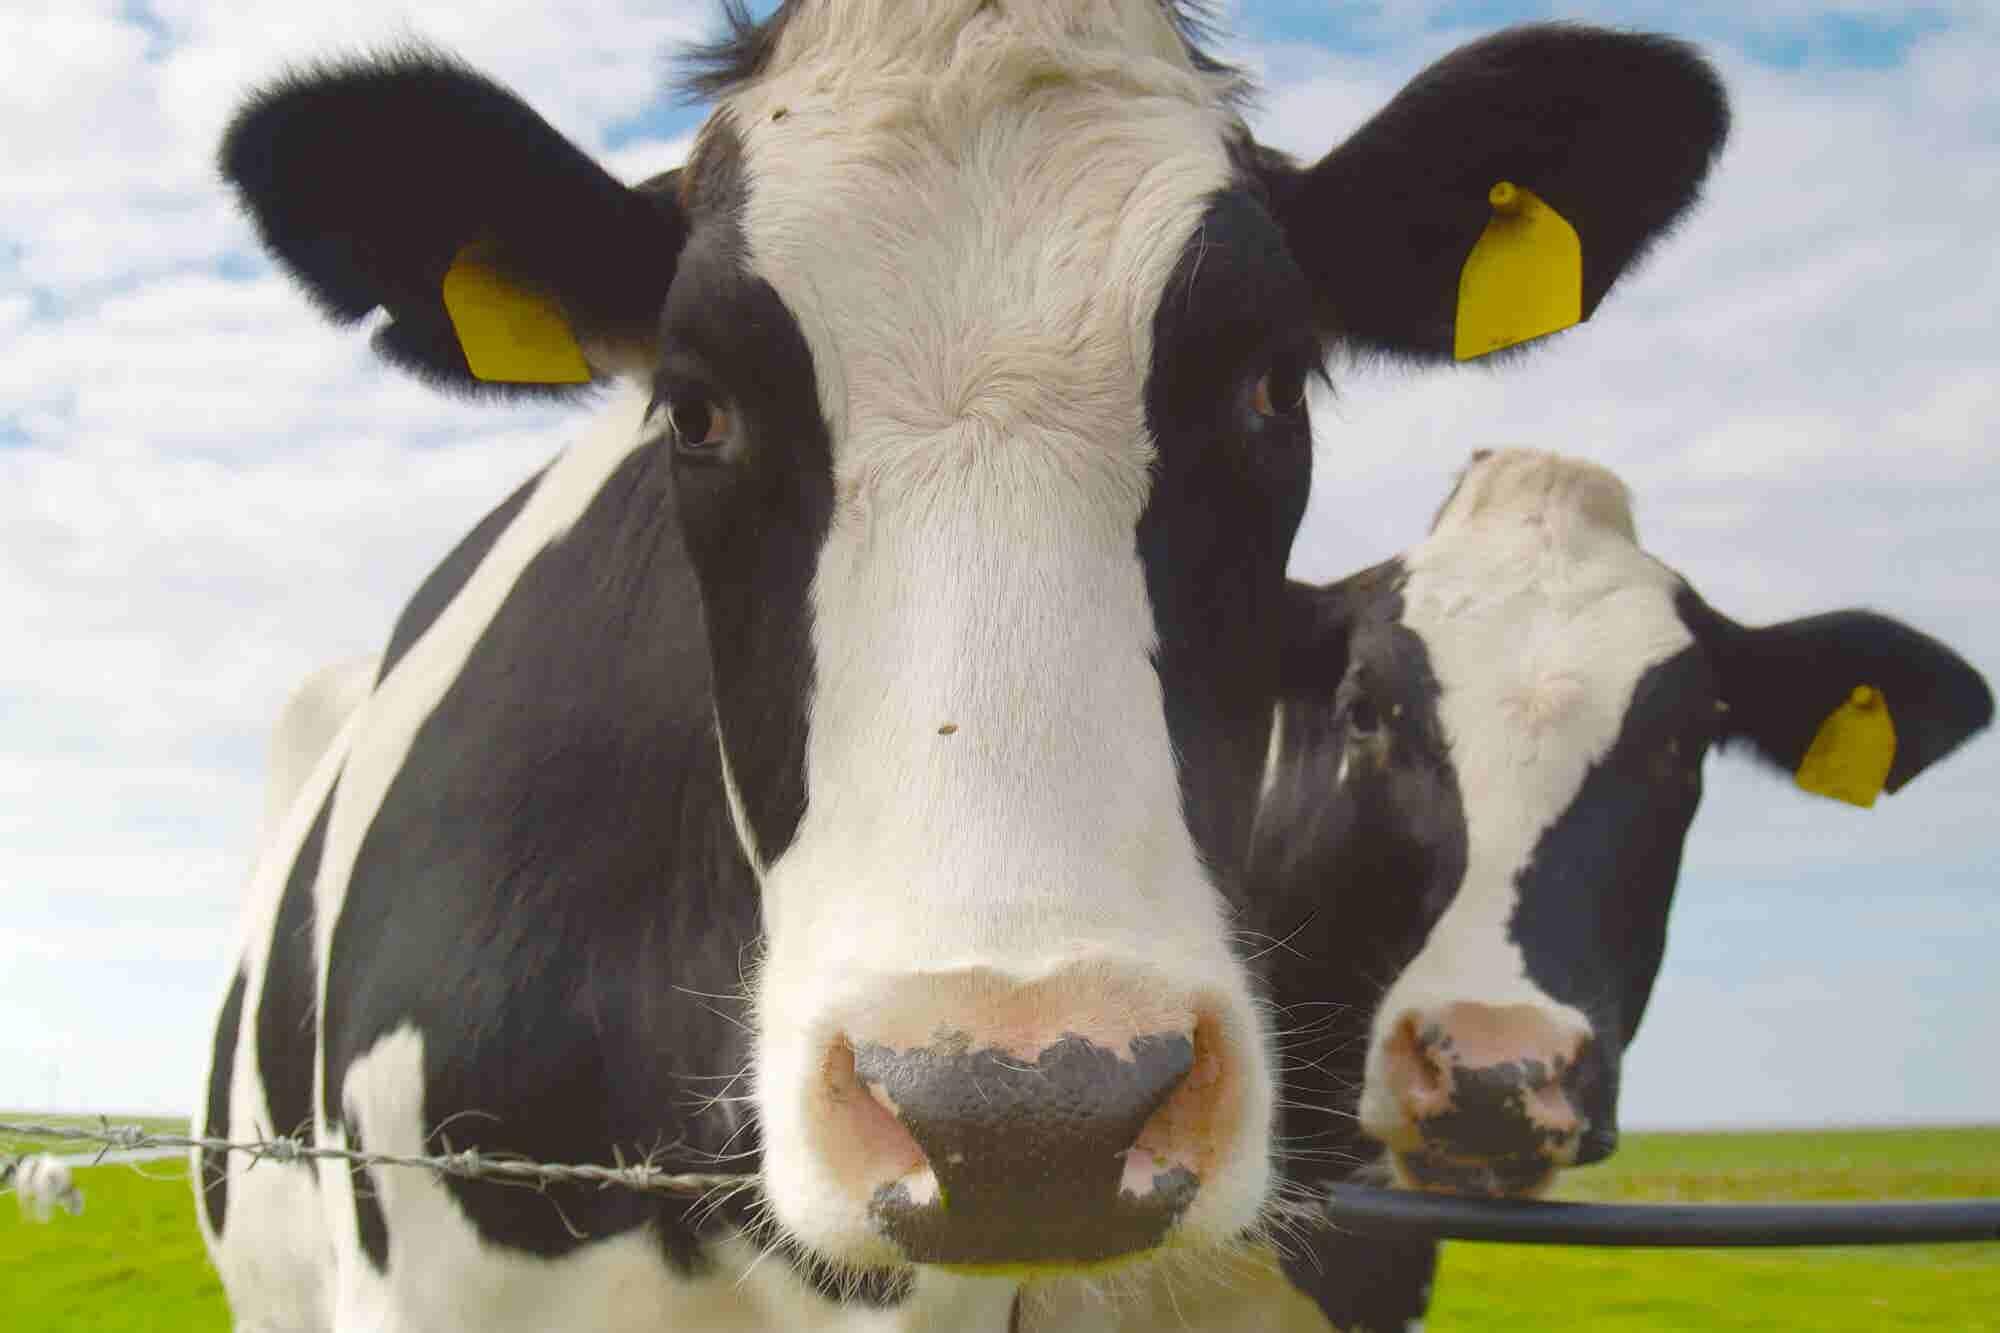 Con la pena veganos: Dejar de comer carne no va a salvar el planeta